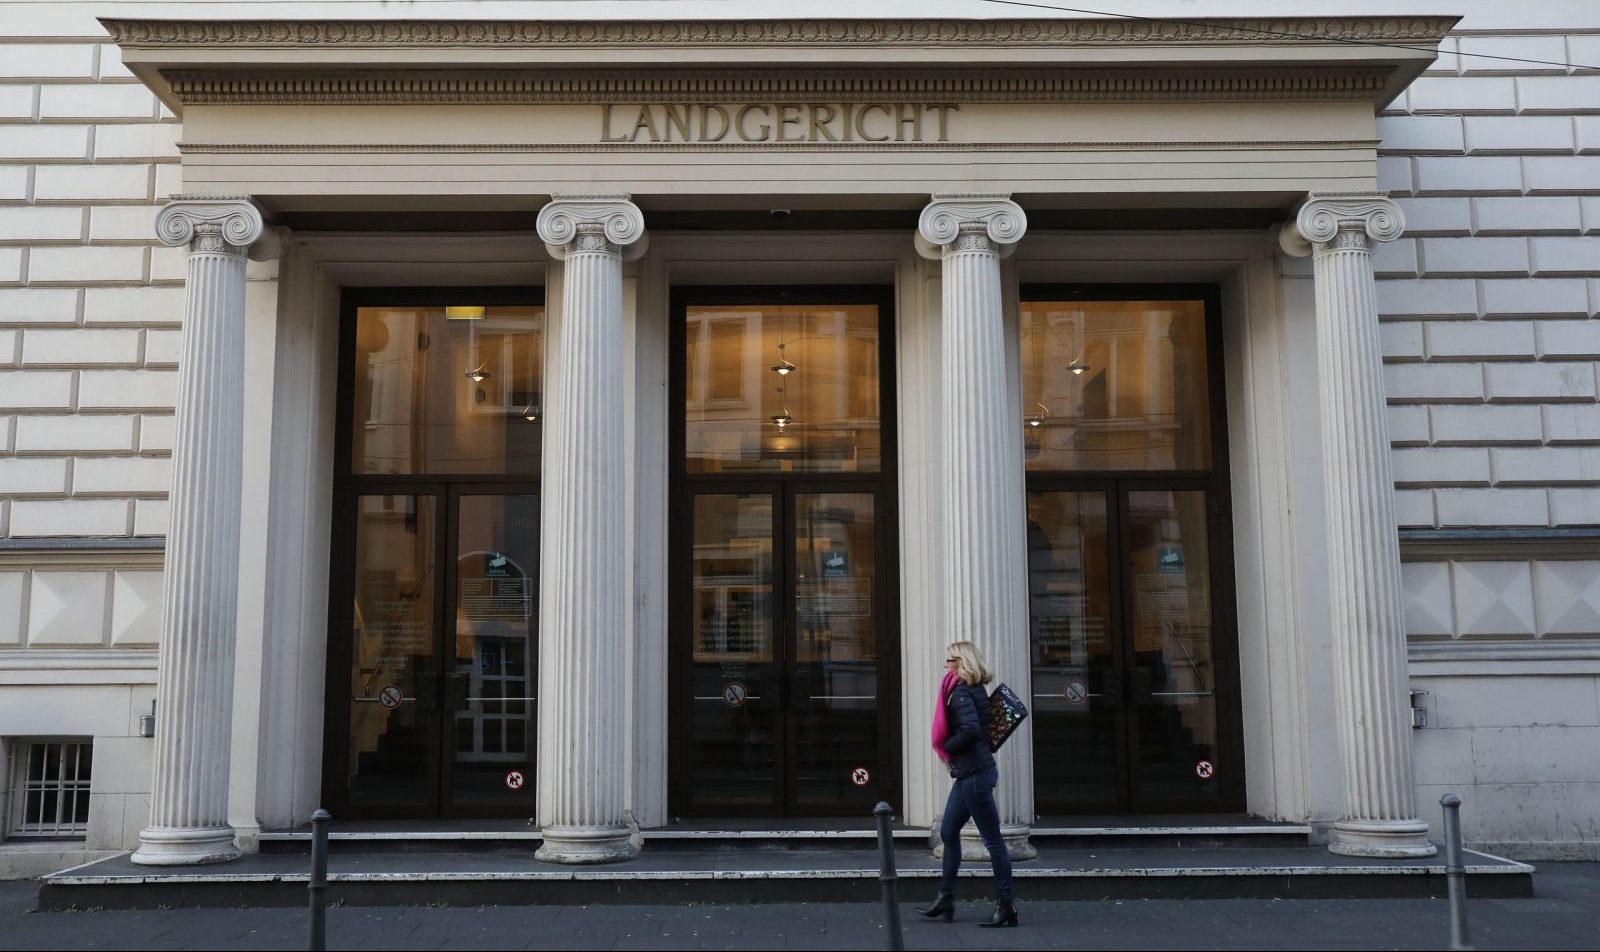 Cum-Ex-Prozess: Zwei Ex-Banker verurteilt - Reporter.lu